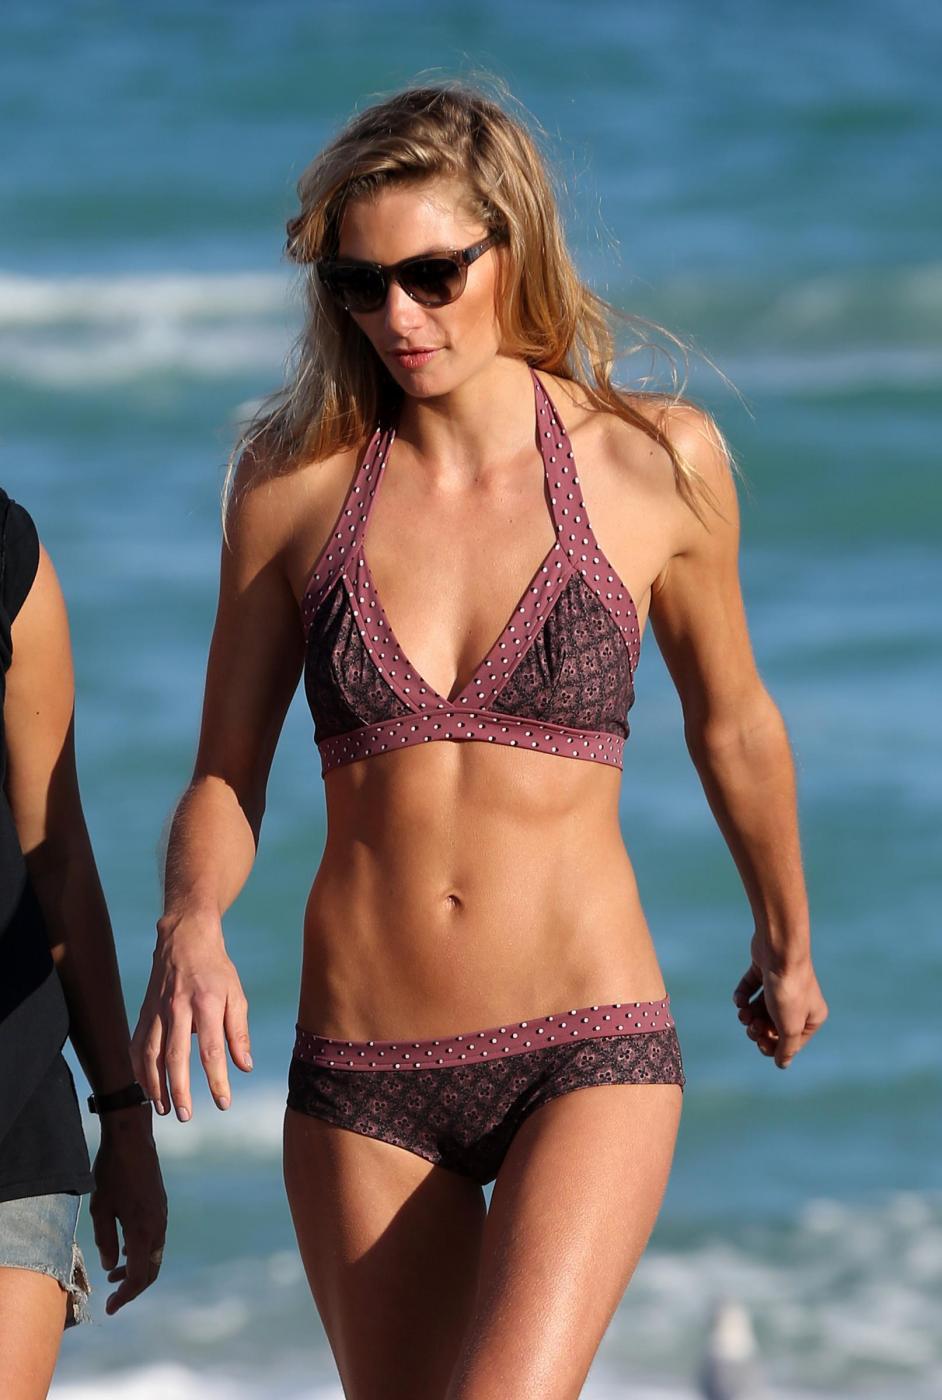 La modella di Victoria 's Secret Jessica Hart posa in bikini02